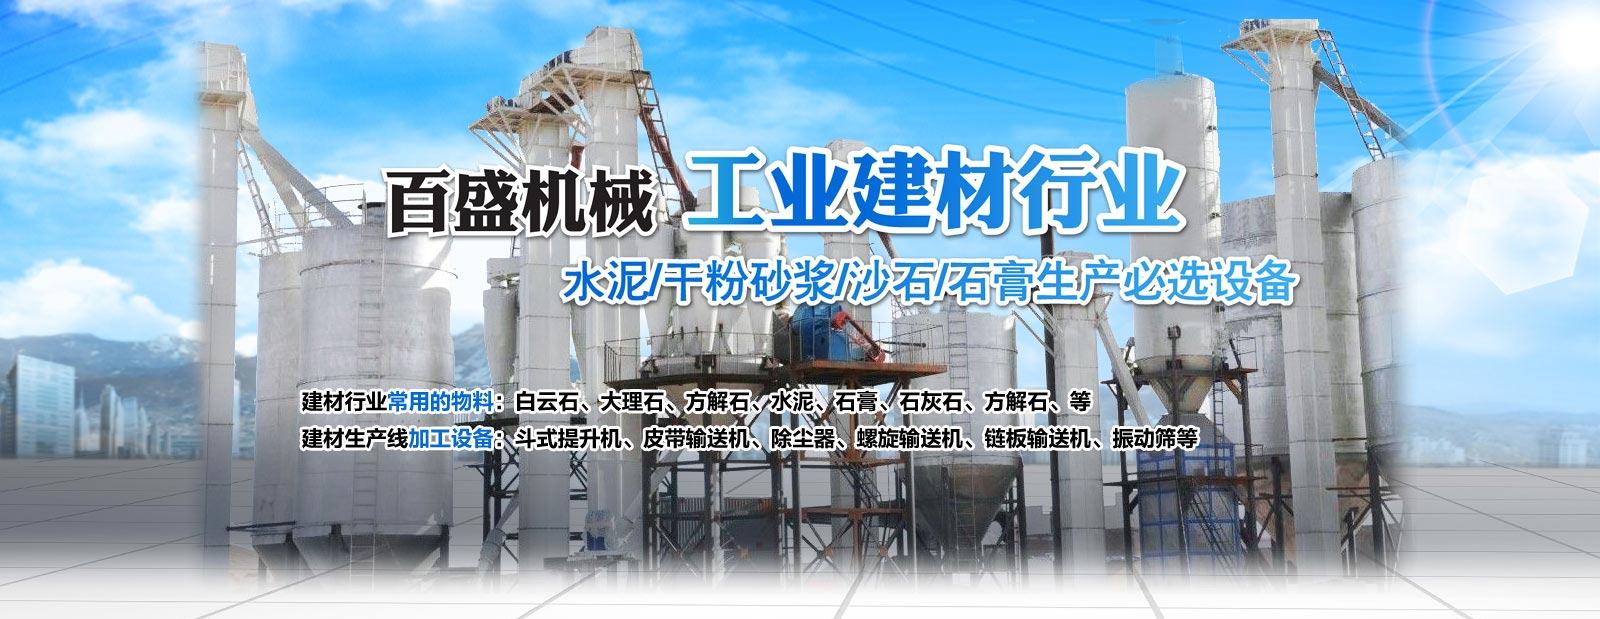 工业建材行业:水泥、干粉砂浆、砂石、石膏生产必备设备